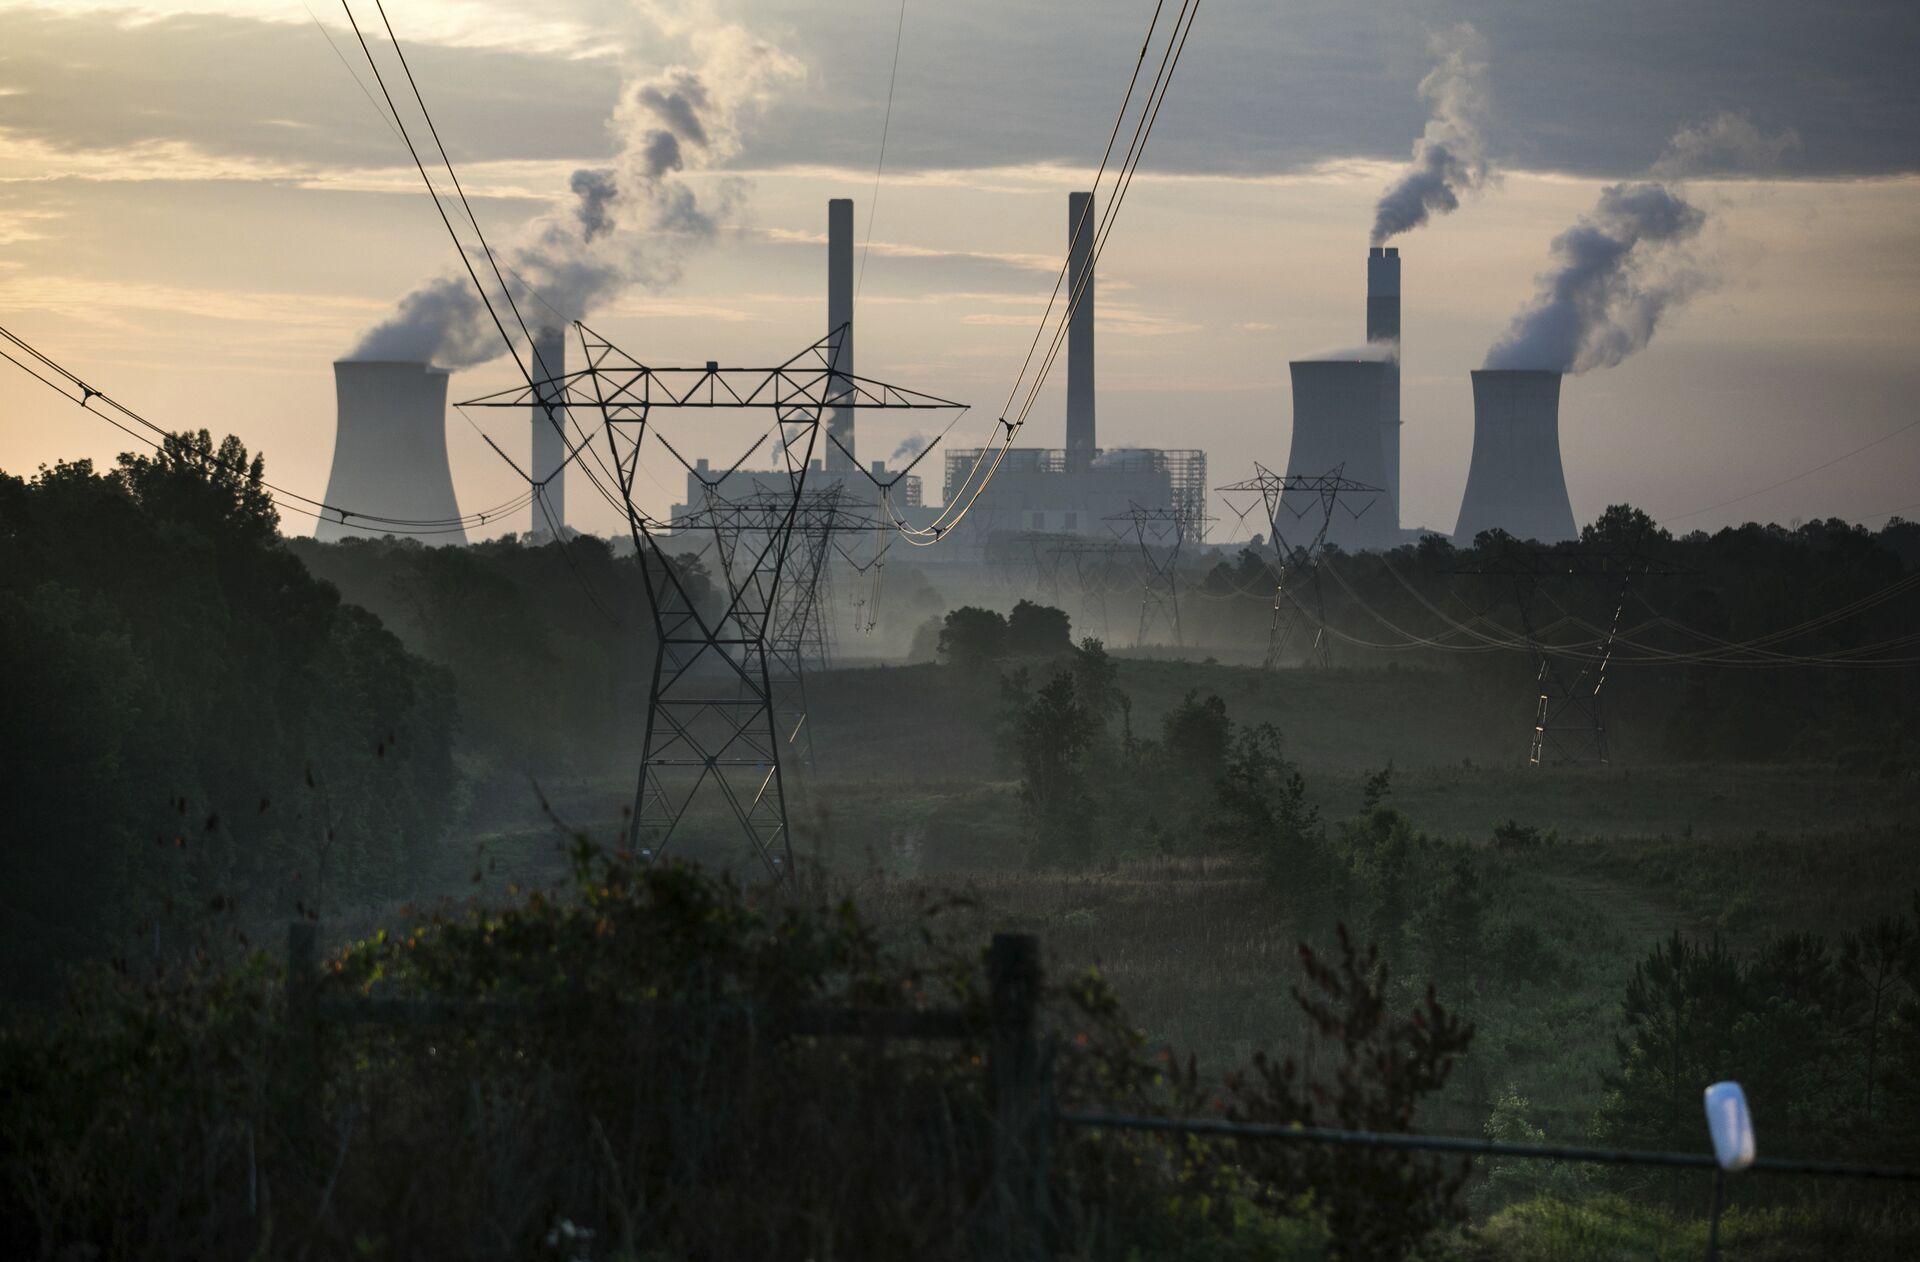 Il ministero della transizione ecologica? Ecco a cosa servirà - Sputnik Italia, 1920, 15.02.2021